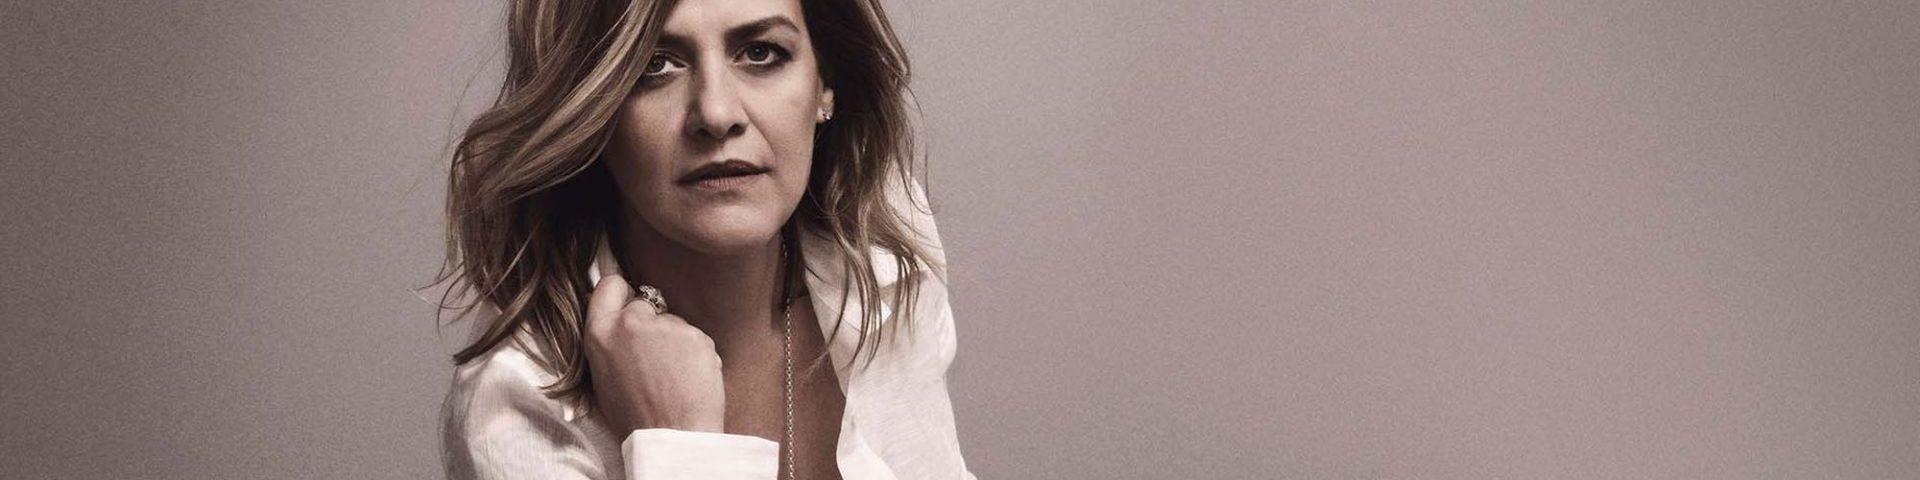 """""""Finalmente io"""": testo e significato della canzone di Irene Grandi"""